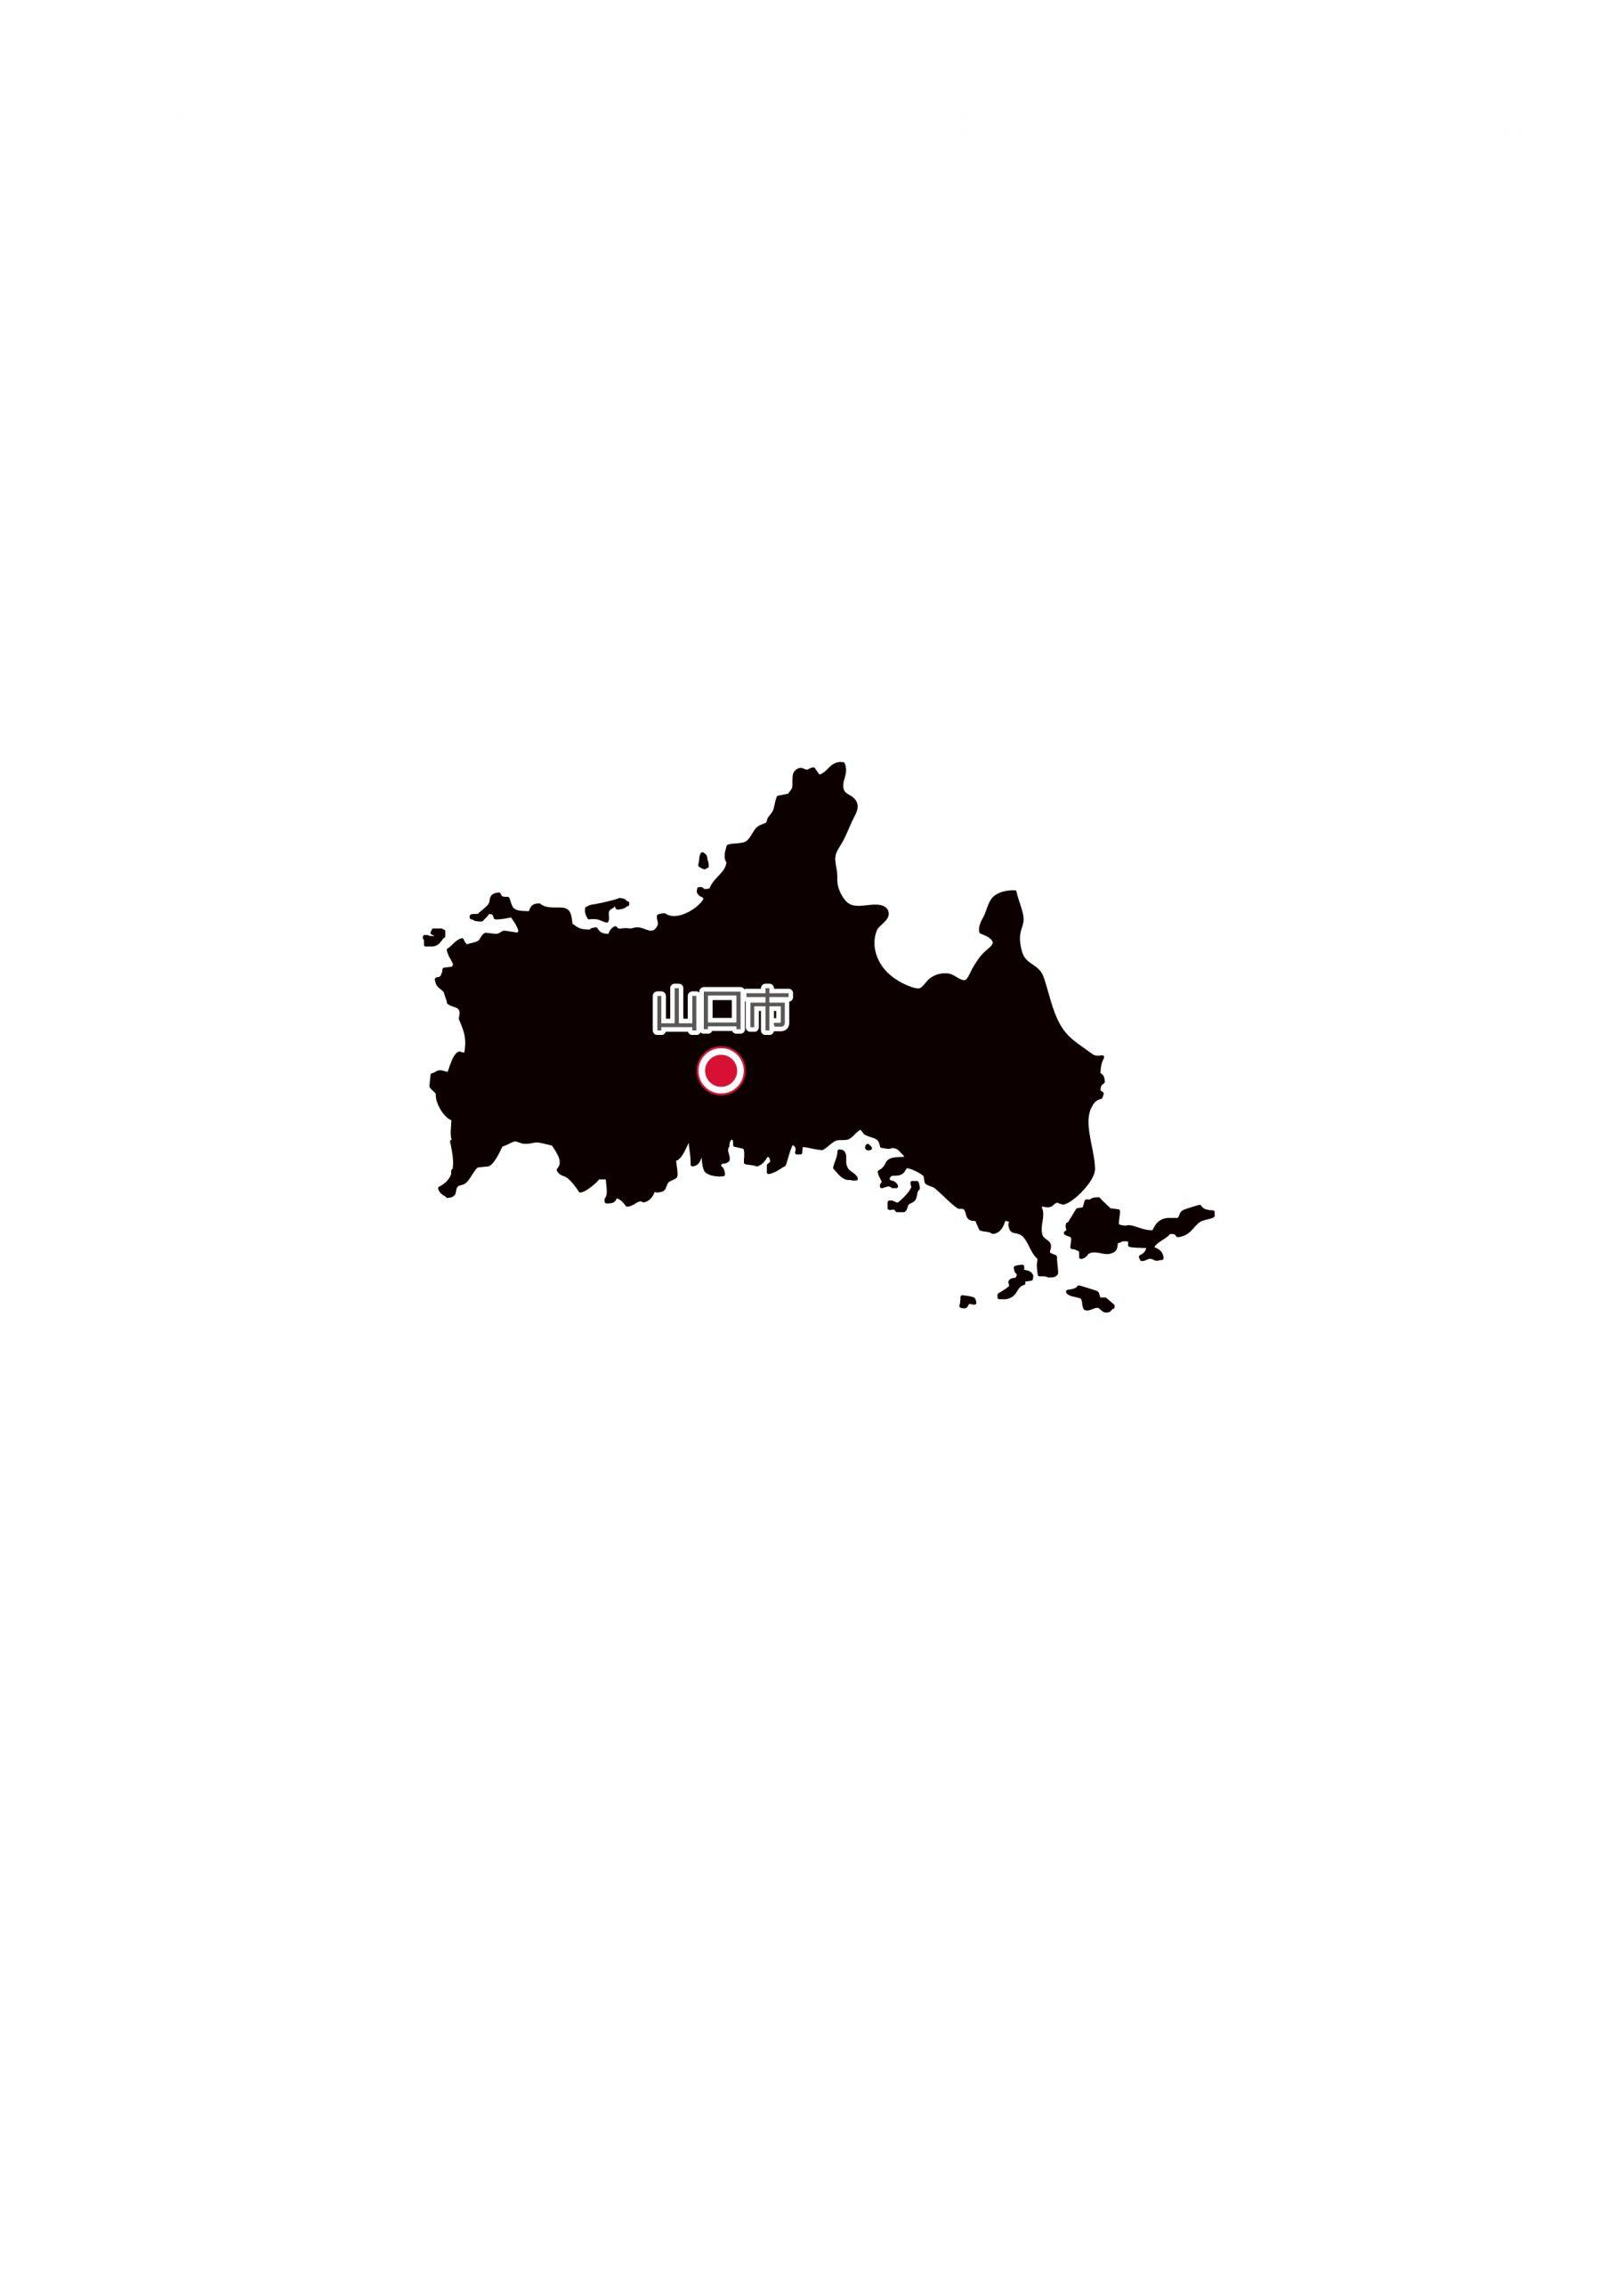 山口県無料フリーイラスト|日本語・県庁所在地あり(黒)